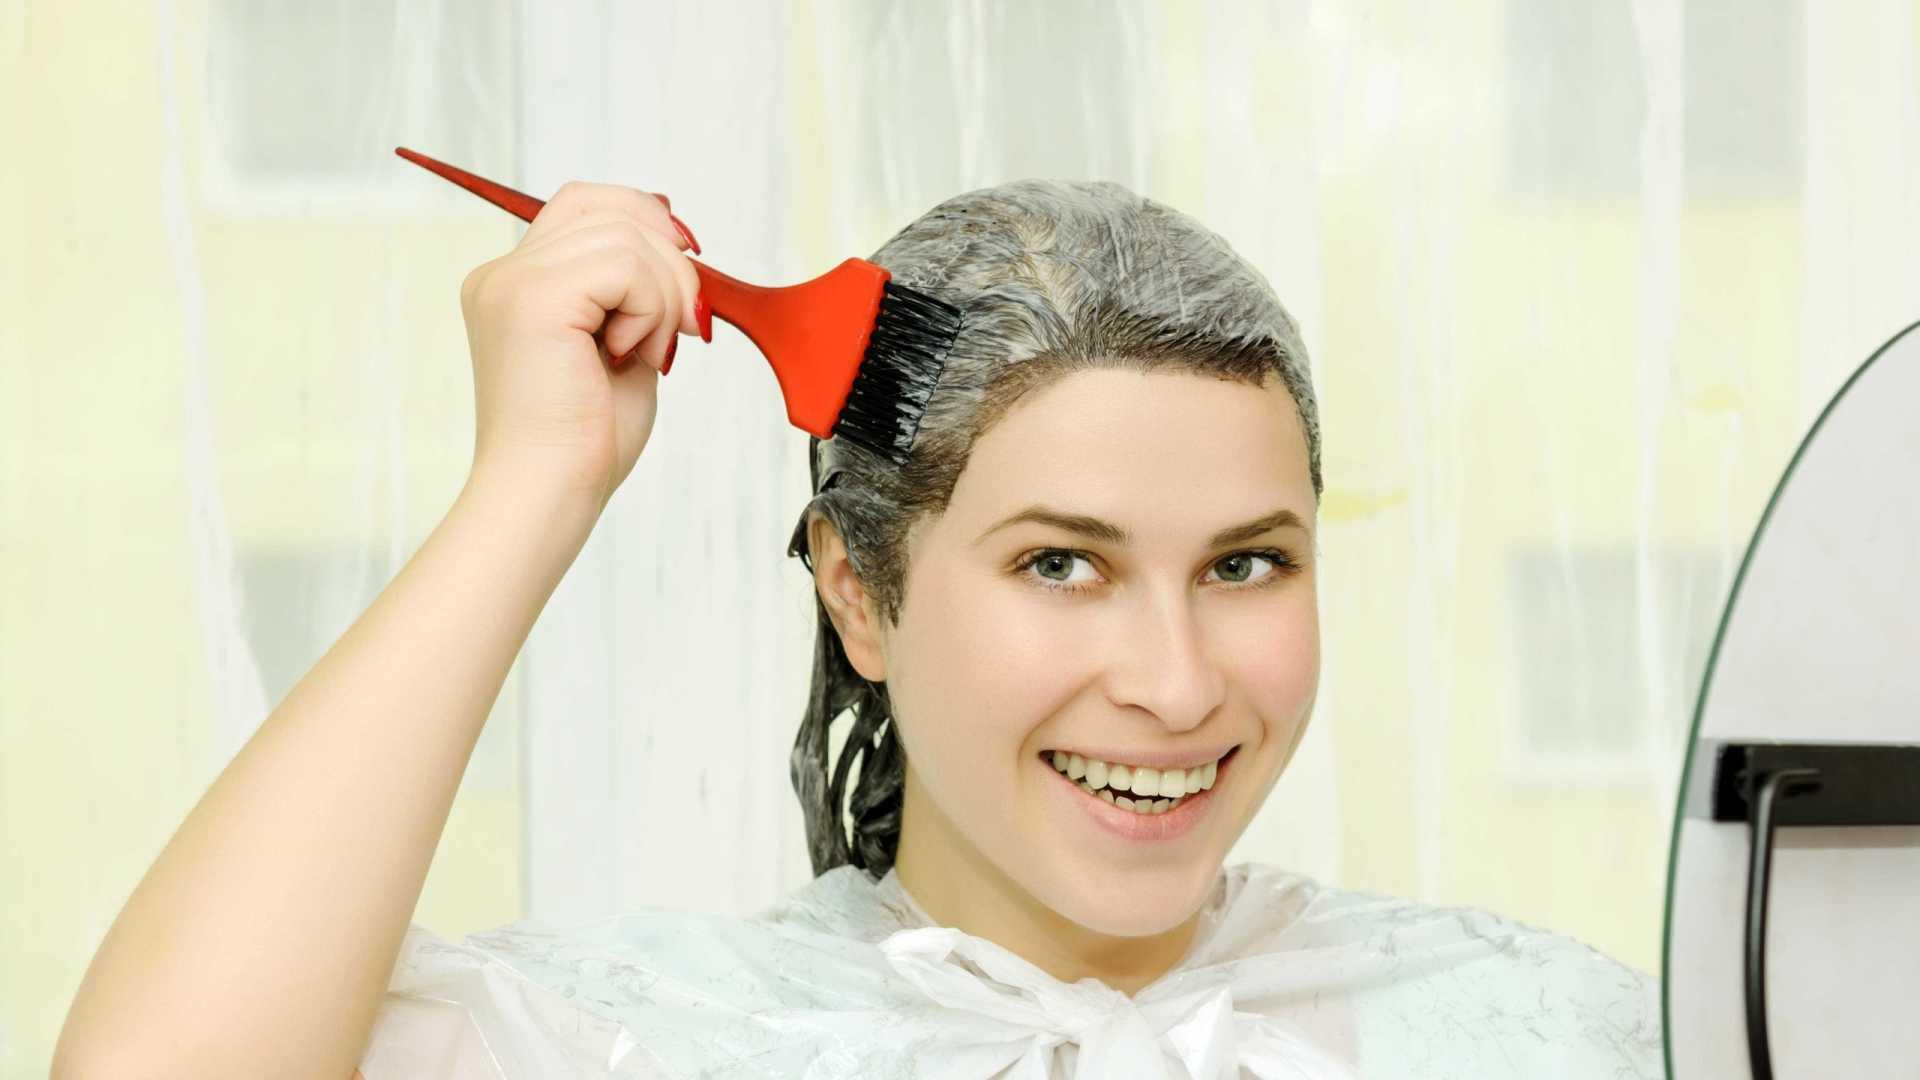 Tinturas de cabelo -  Como interpretar os números de tintas e tonalizantes